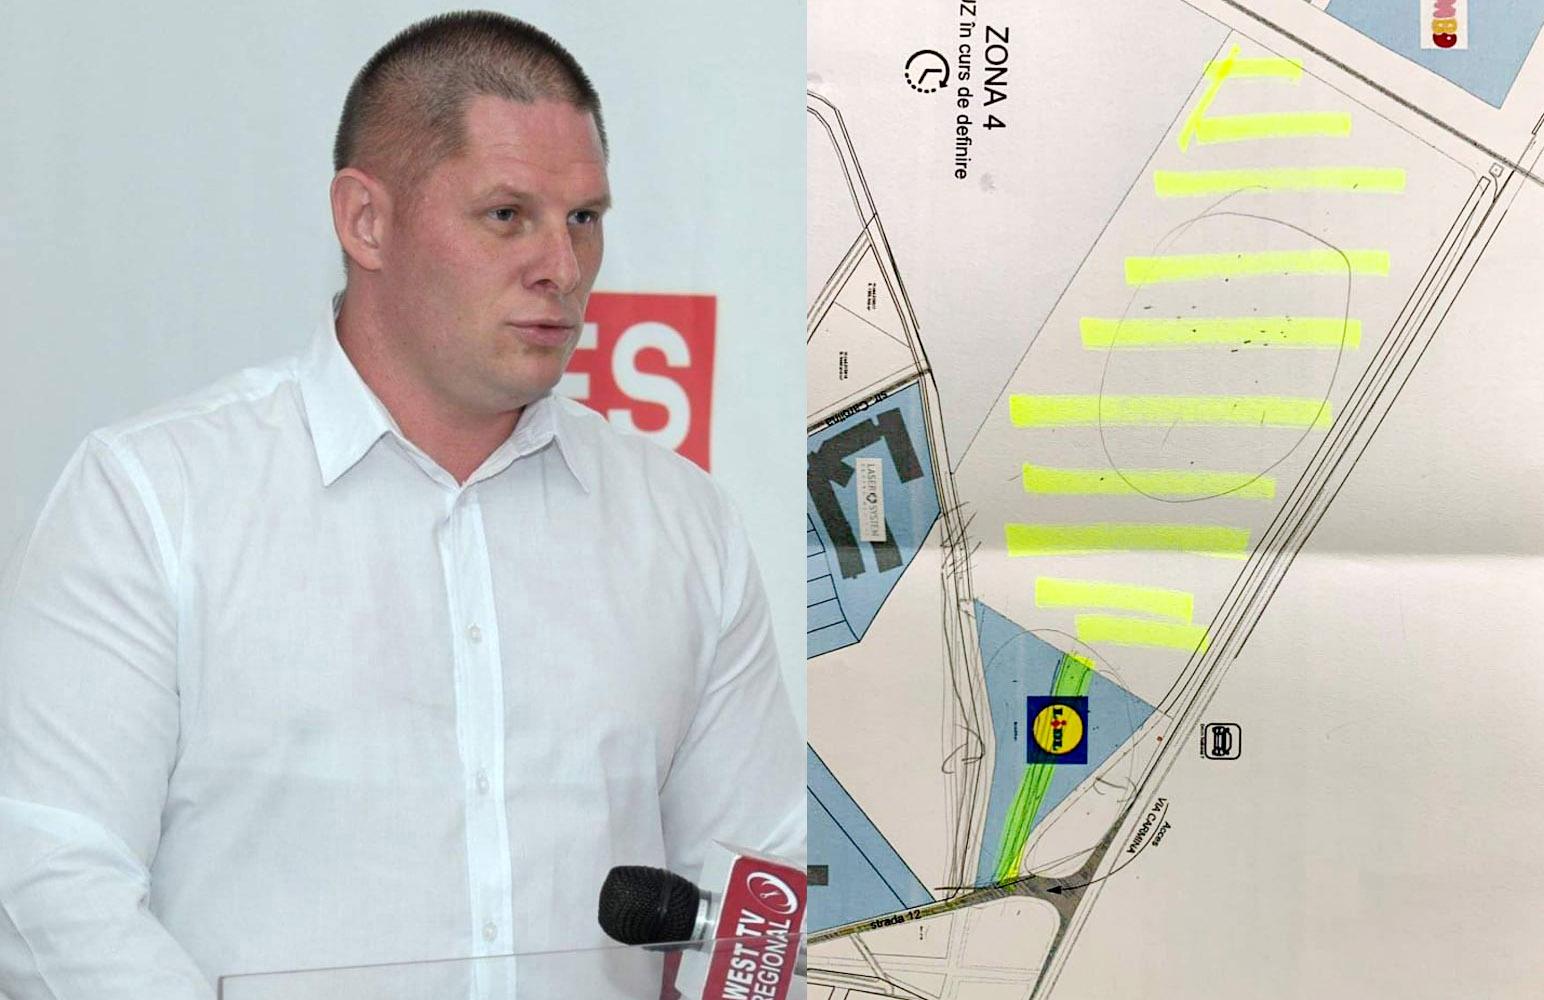 Vladimirescu riscă să rămână fără magazin LIDL şi sens giratoriu